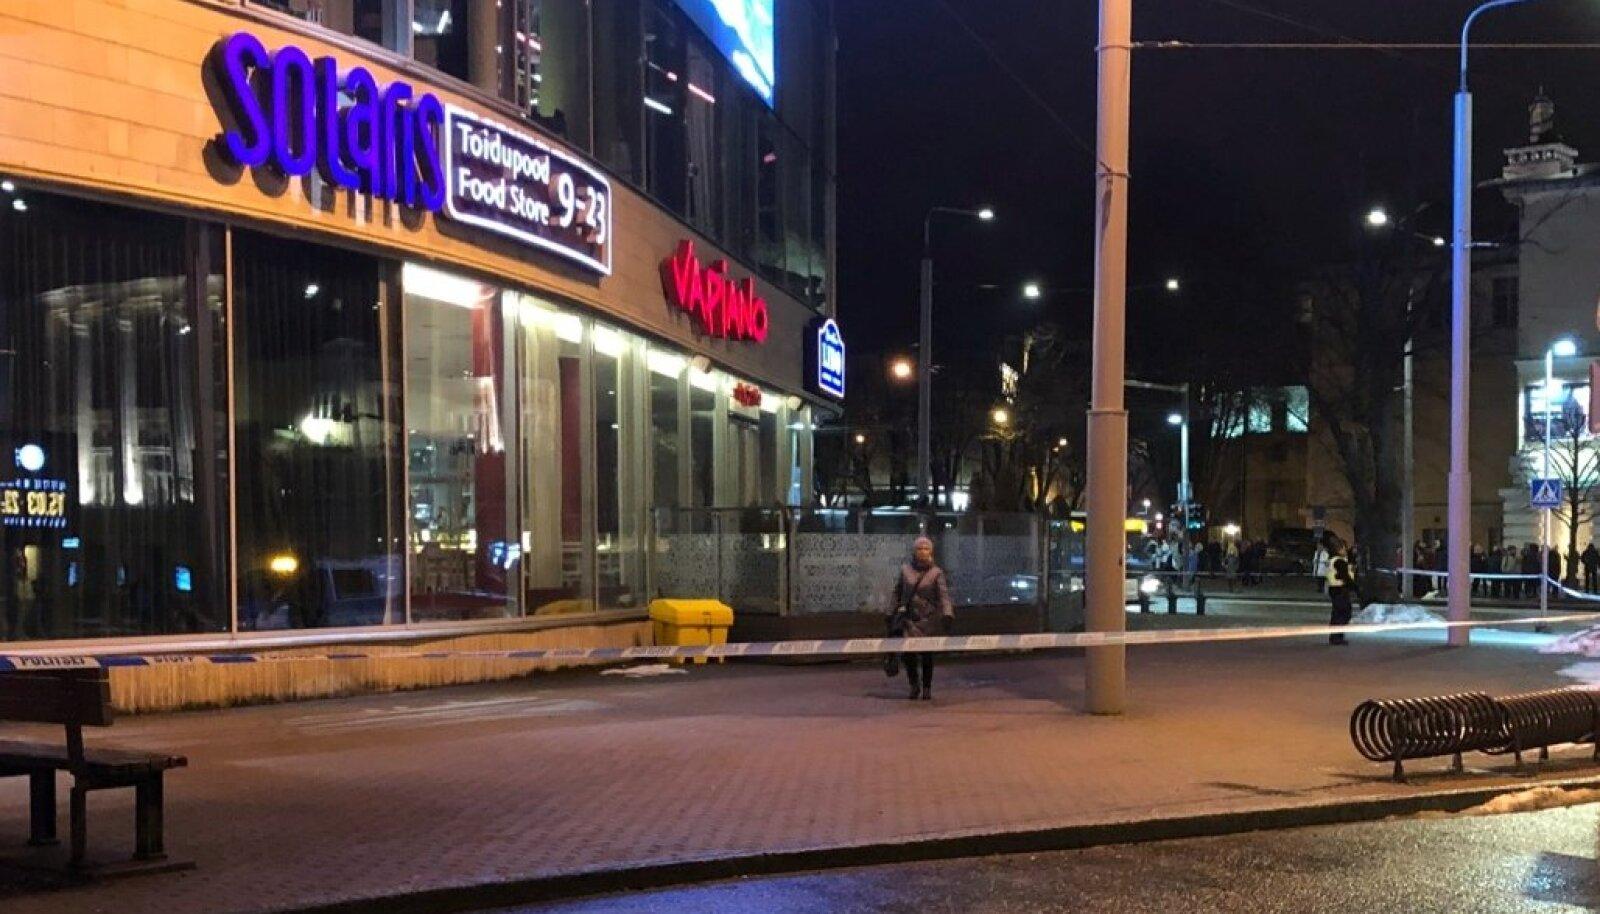 Solarise keskusele tehtud pommiähvardus, mis osutus rumalaks naljaks